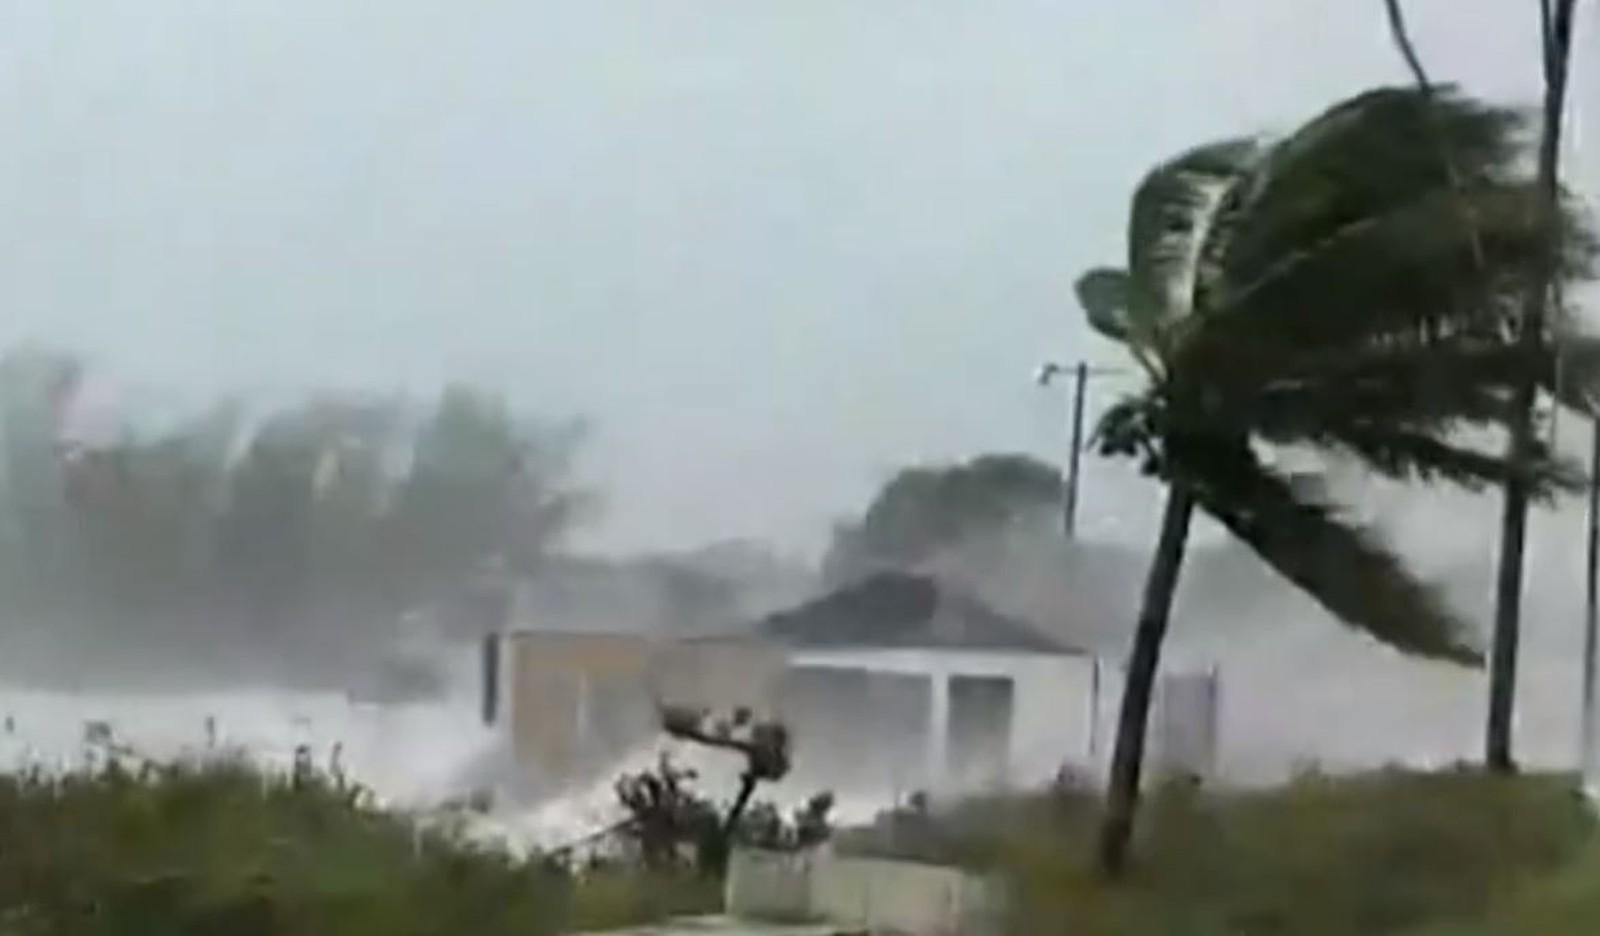 Imagens mostram a força dos ventos na chegada do furacão Dorian às Bahamas — Foto: Reprodução/Globonews